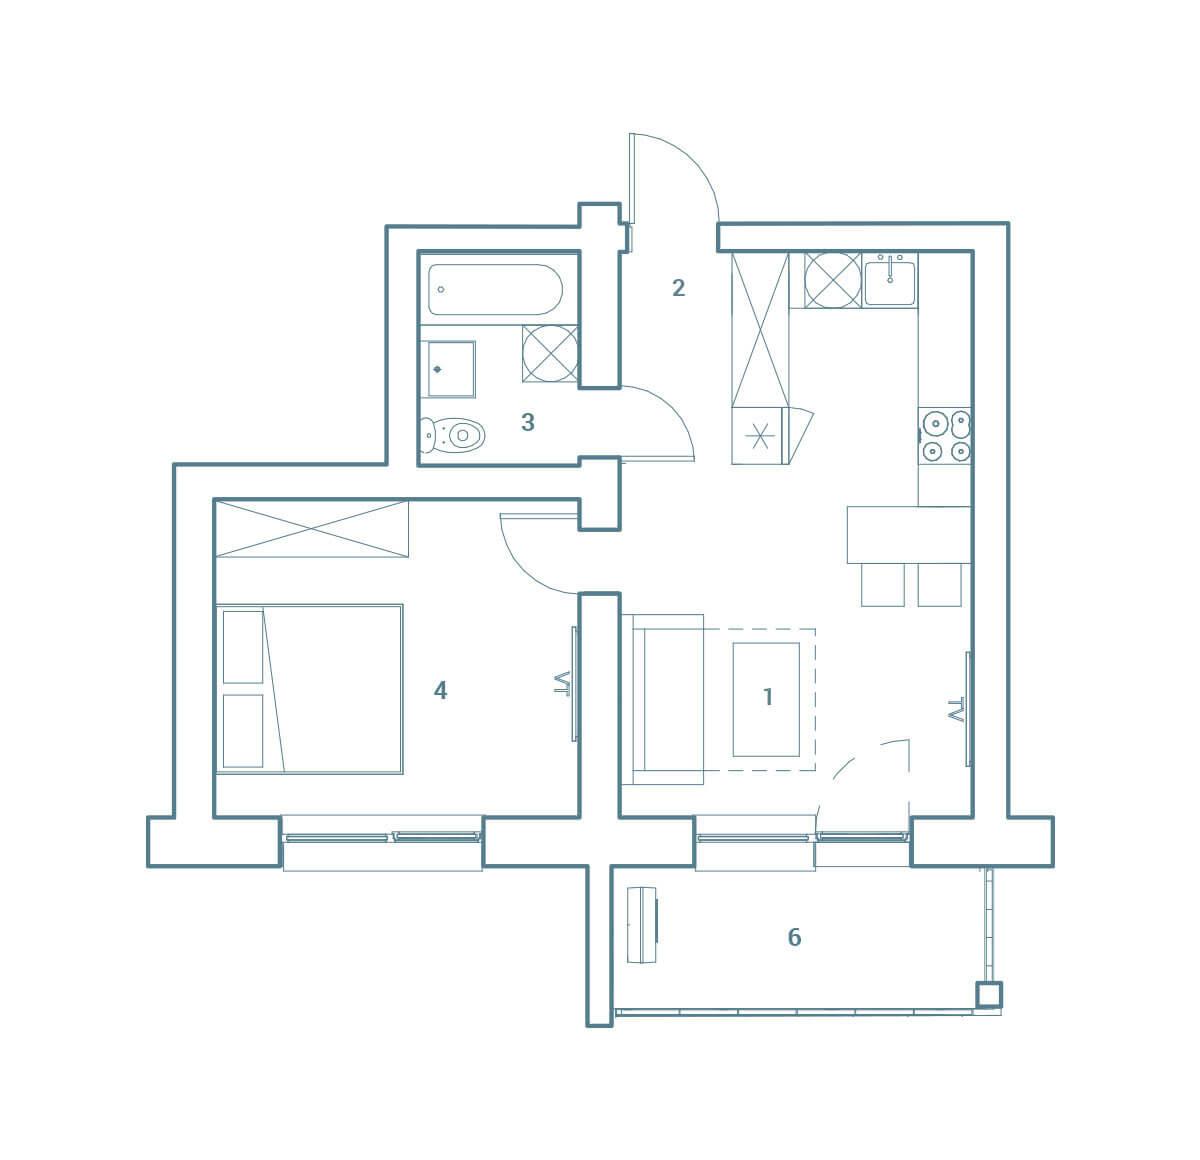 parduodamas butas Lazdynėlių g. 16C - 18  Vilniuje, buto 2D vaizdas